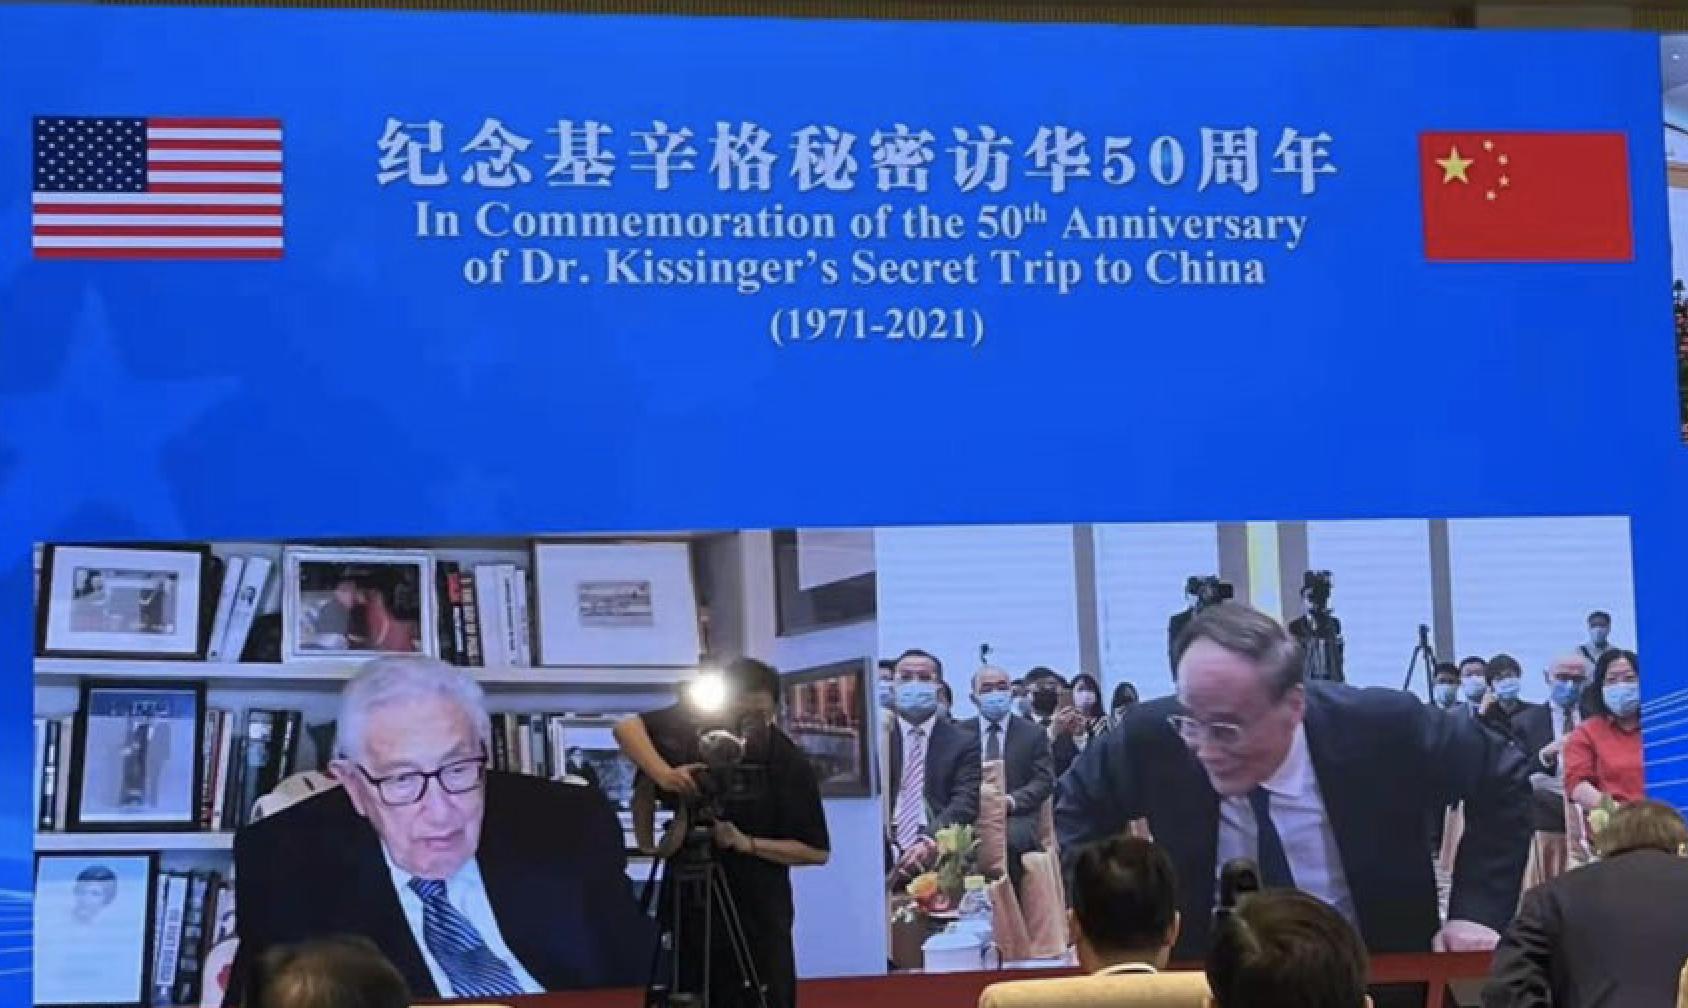 中共高調舉行基辛格秘密訪華50周年紀念活動,王岐山捧場。(網絡截圖)